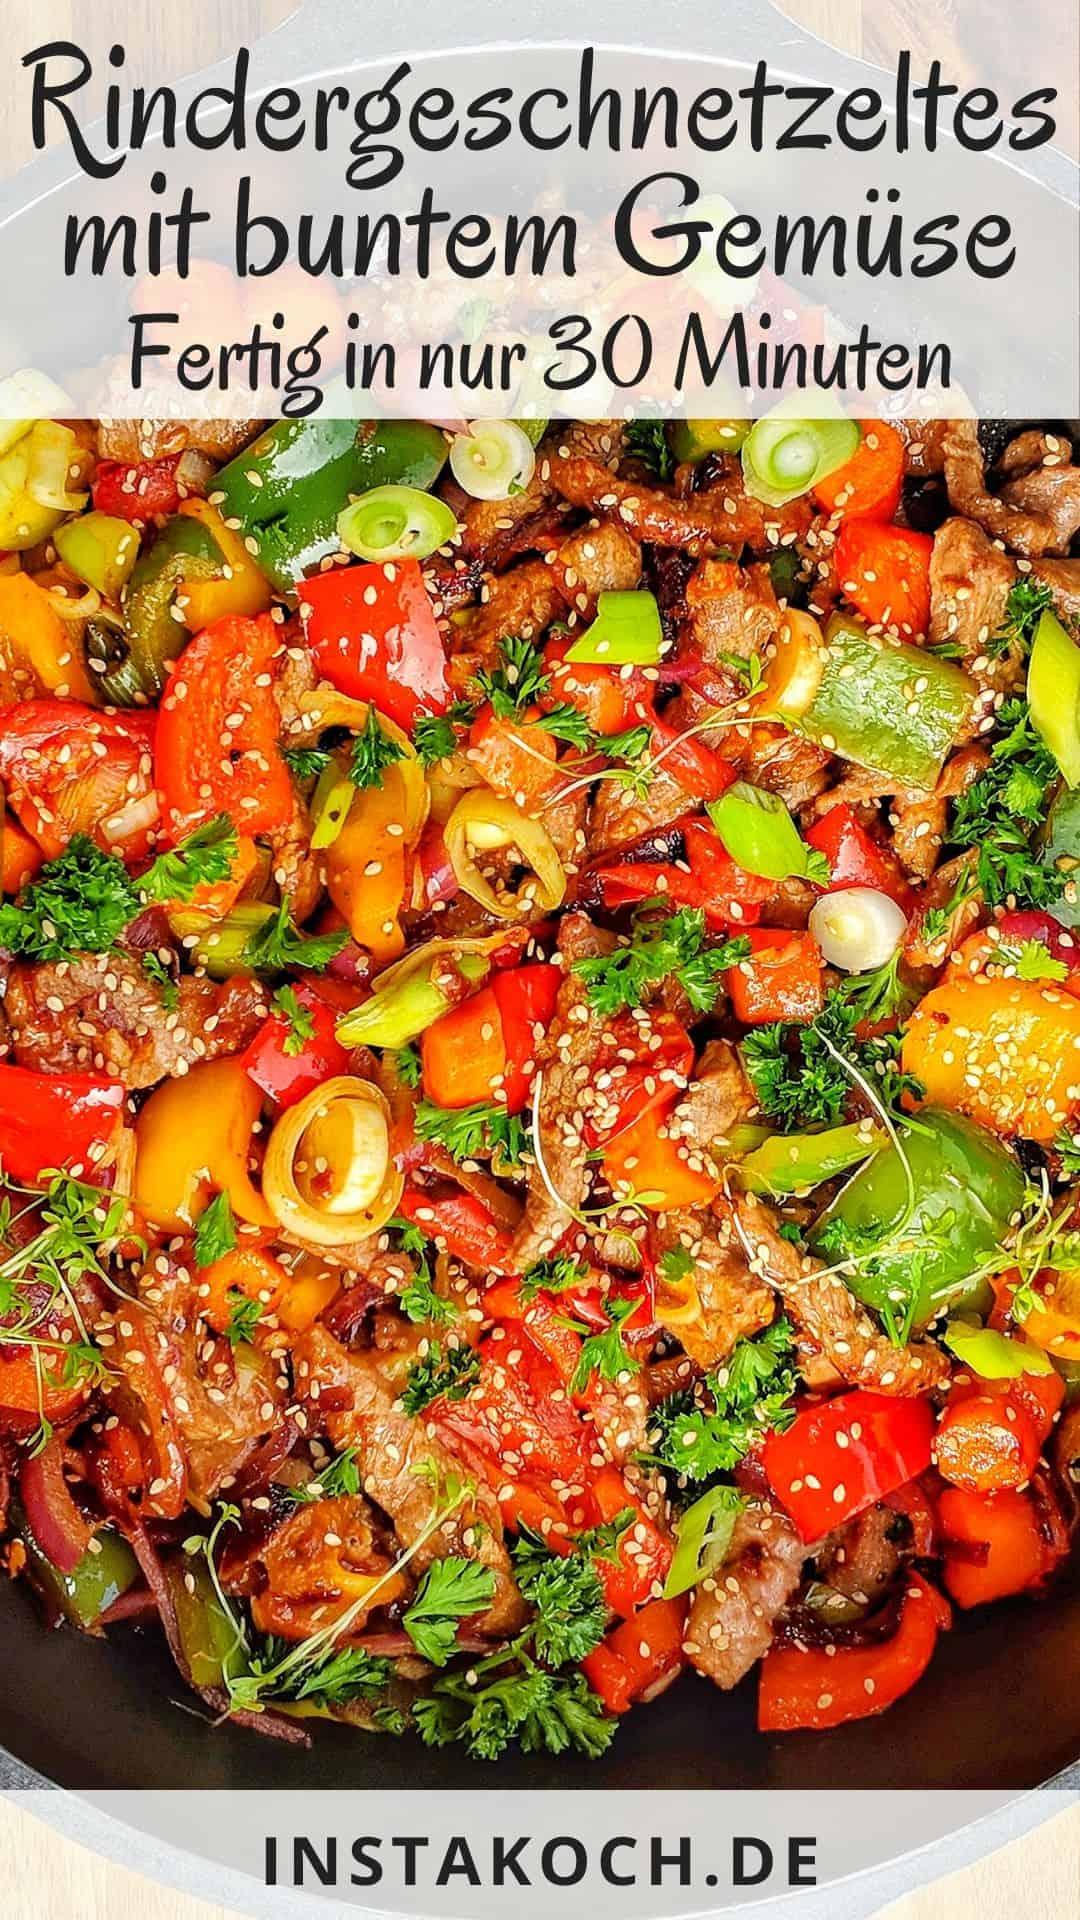 Eine Nahaufnahme einer Pfanne mit Rindergeschnetzeltem und buntem Gemüse.